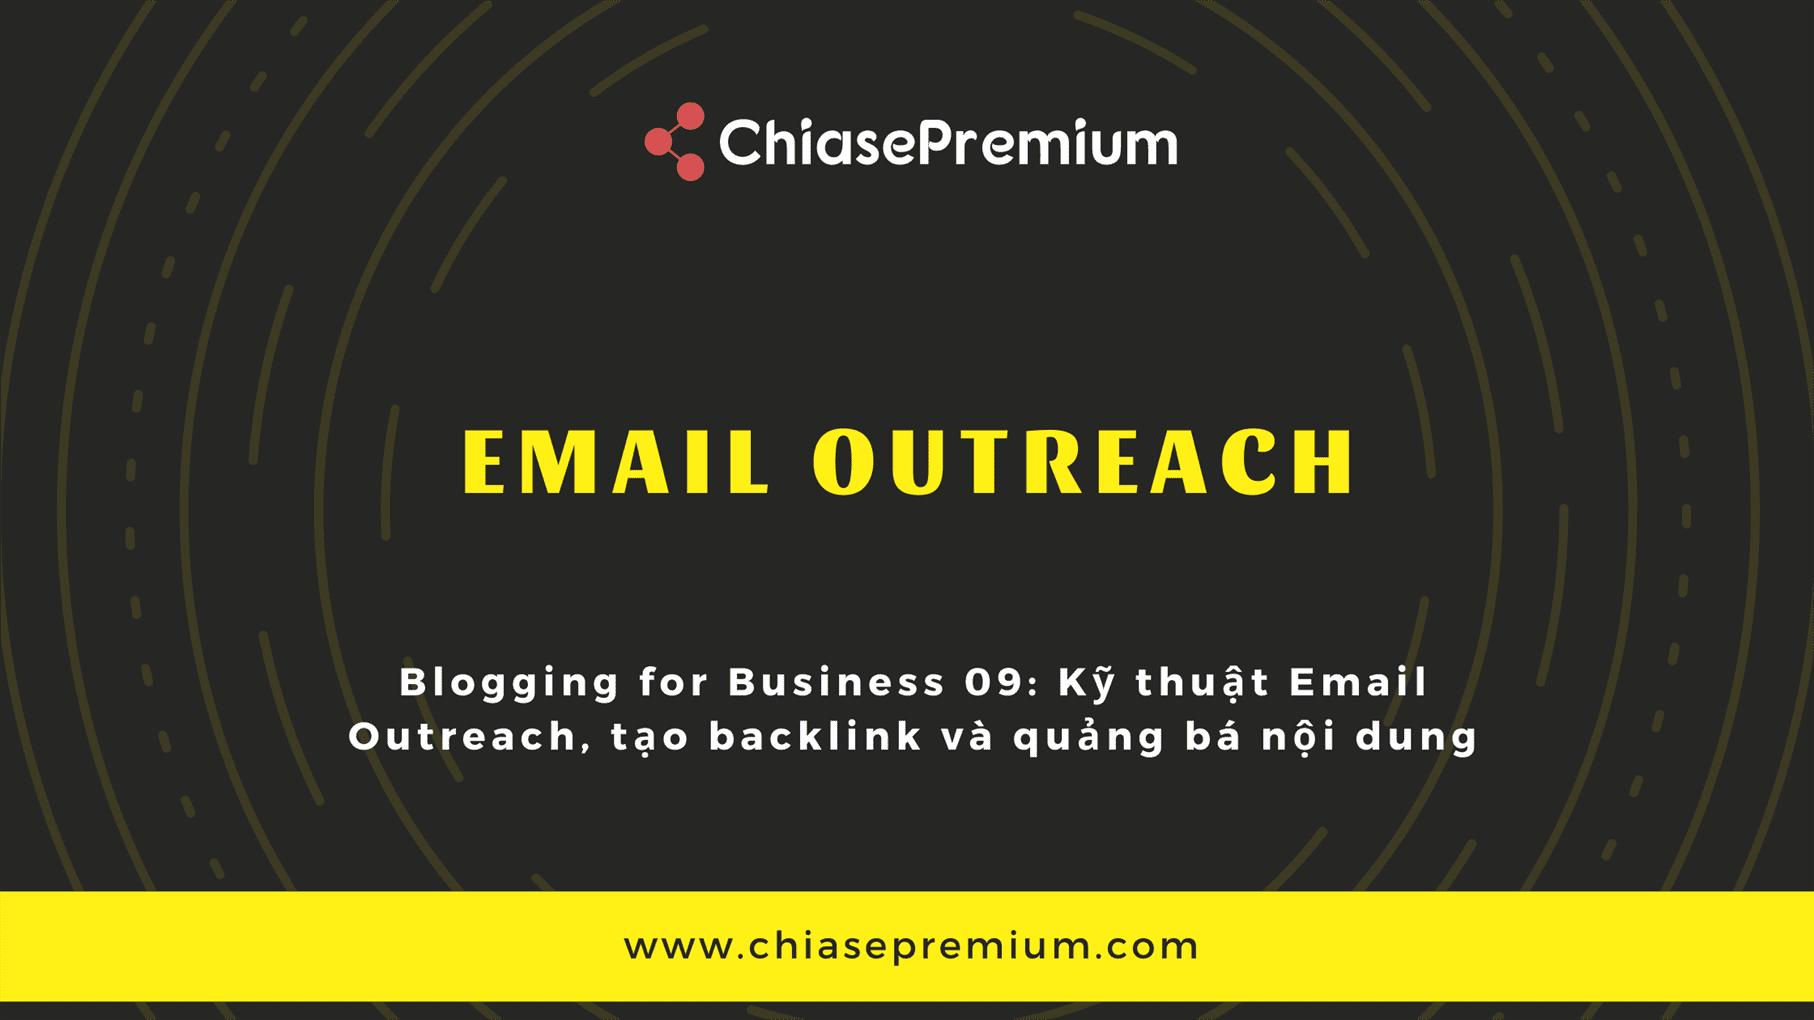 Kỹ thuật Email Outreach, tạo backlink và quảng bá nội dung